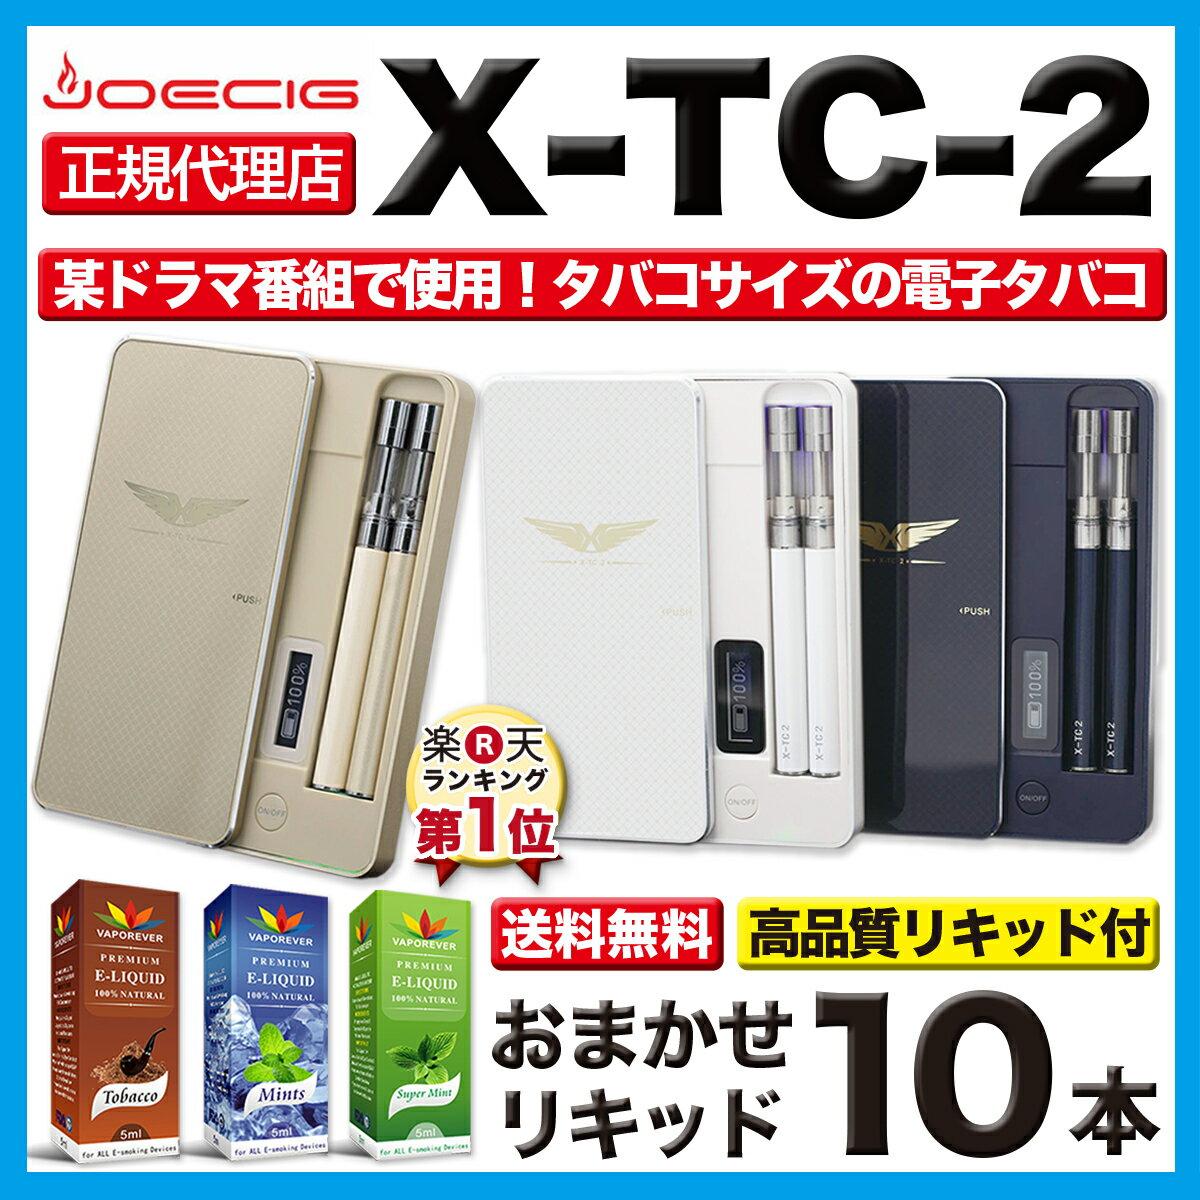 電子タバコ リキッド 【送料無料】【JOECIG X-TC-2】【正規品】【日本語説明書付き】【リキッド10本付き】【ニードルボトル付き】某ドラマで使用した電子タバコ! アップグレードモデル X-TC2 VAPE タバコサイズ 電子たばこ EMILI